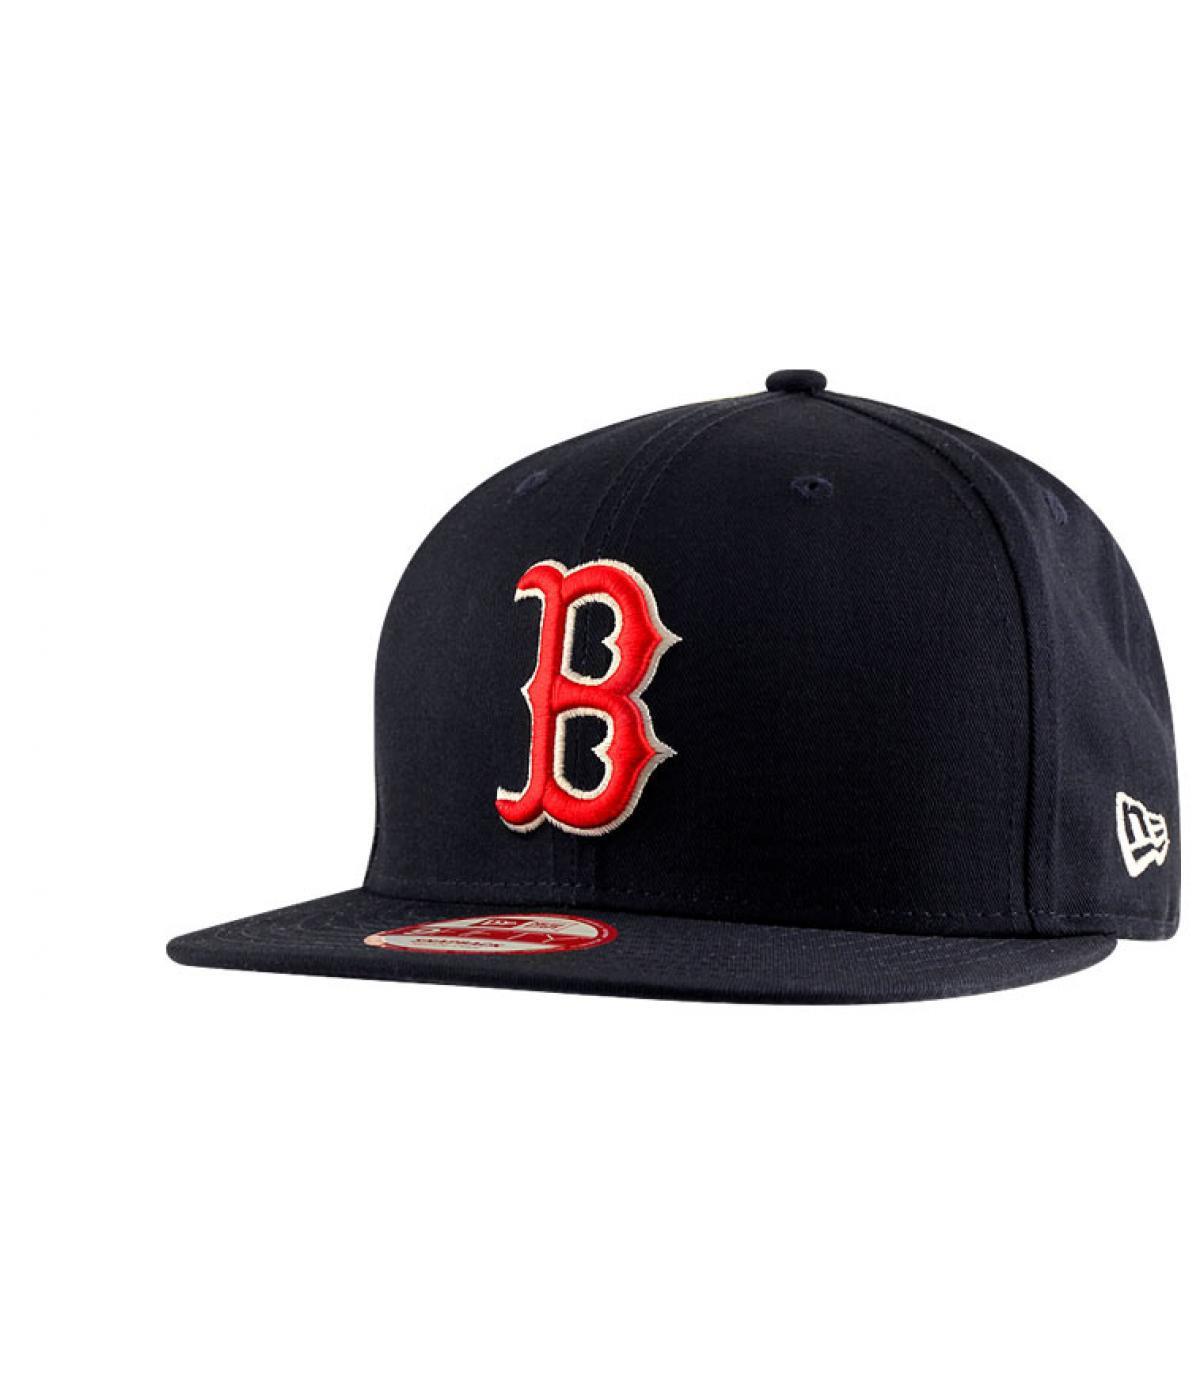 Détails Snapback Boston team - image 6